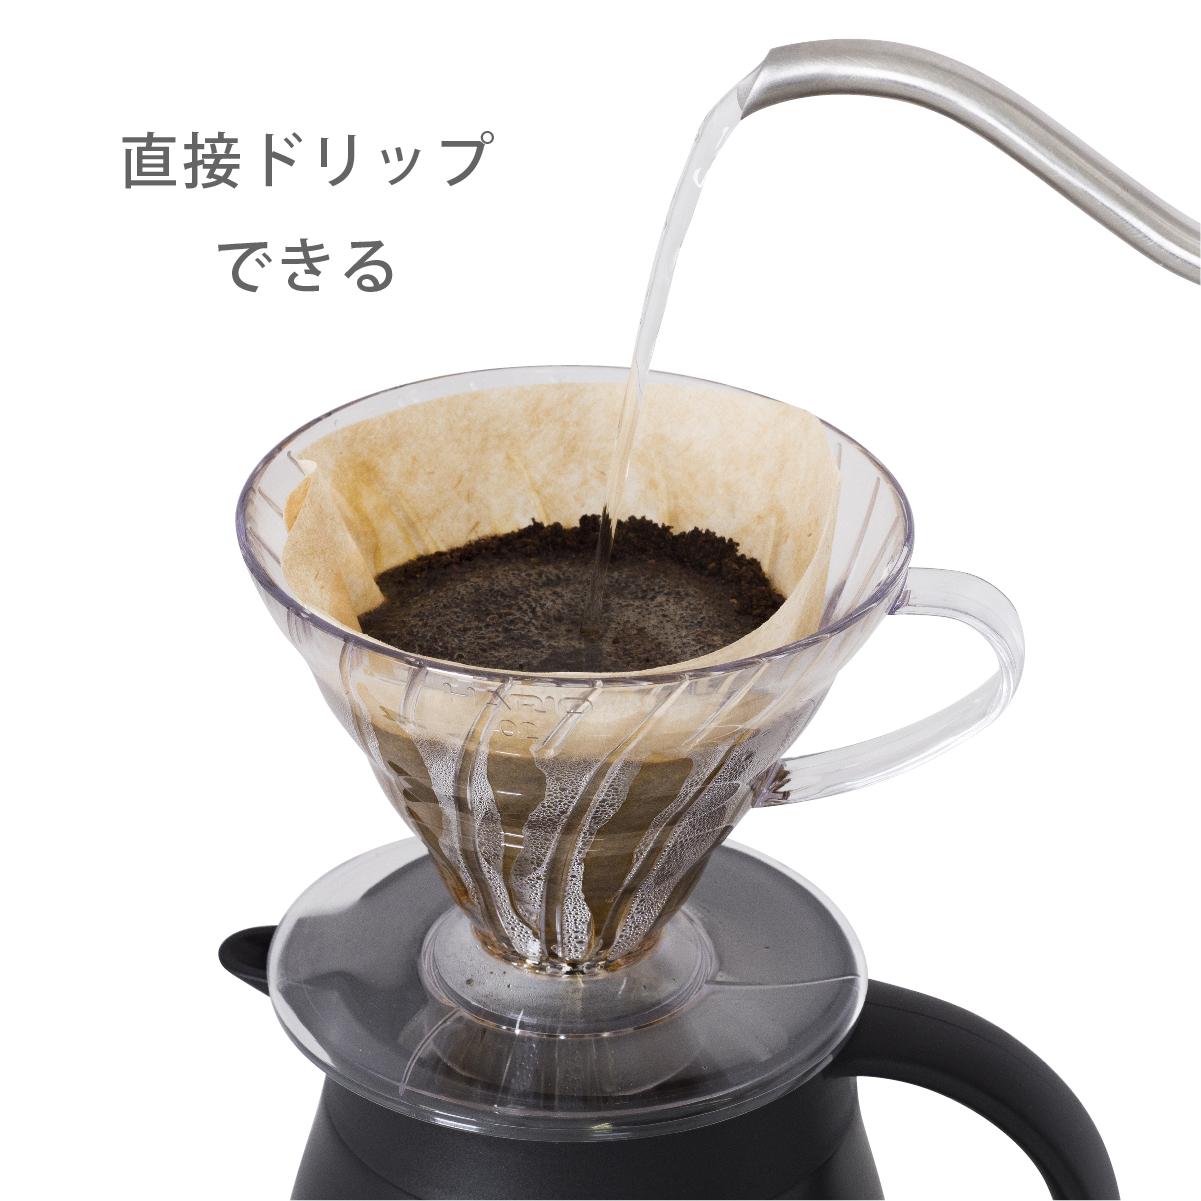 コーヒーサーバー 600ml ブラック image02